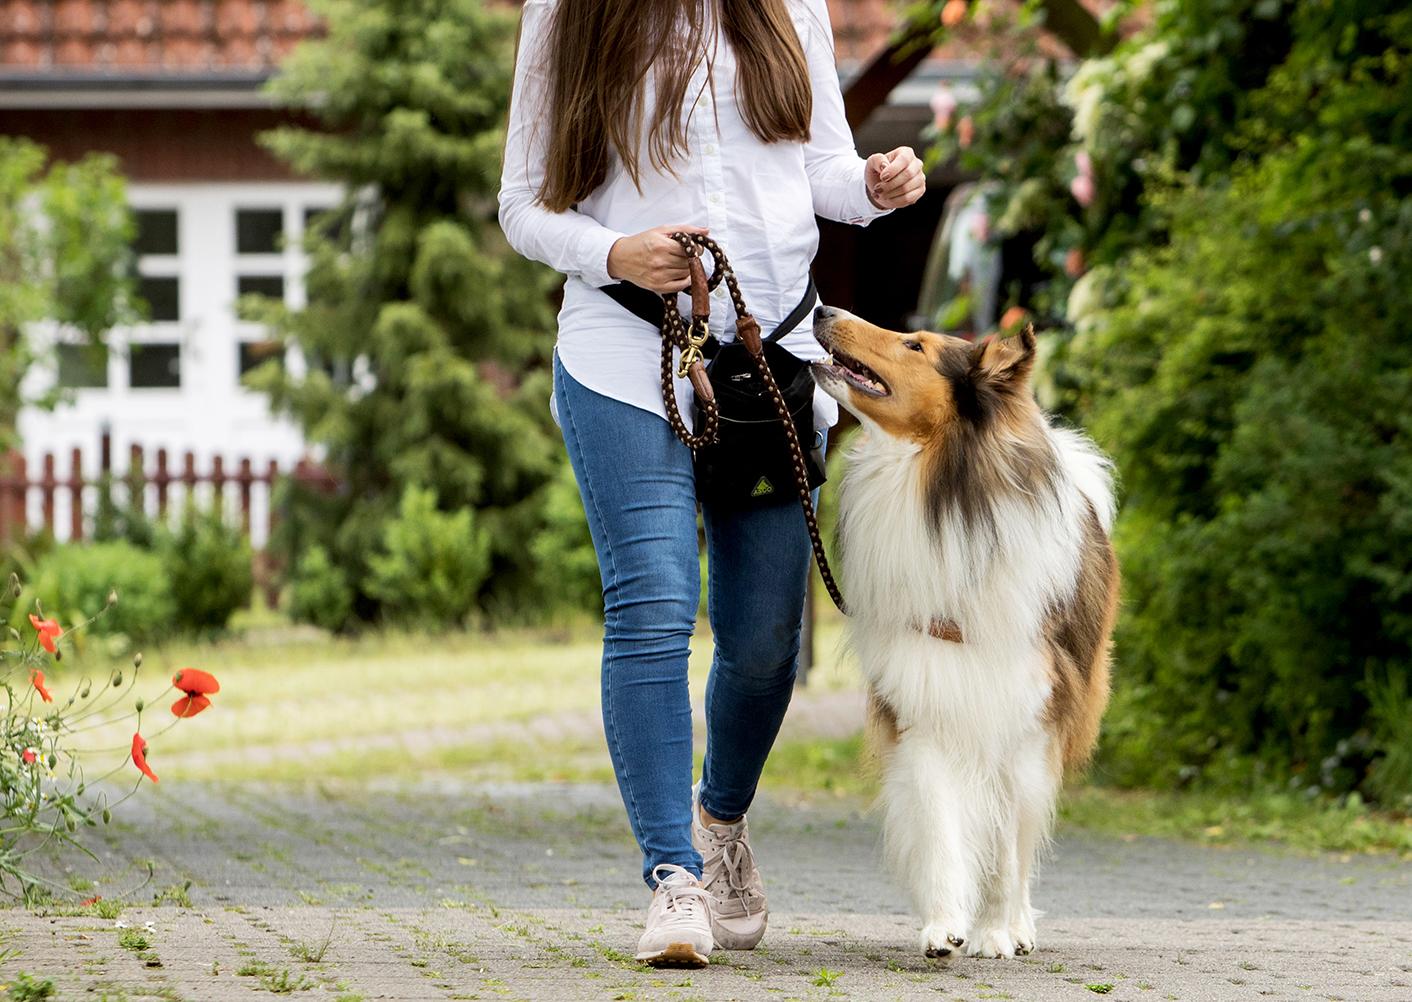 No es bueno tirar de la correa del perro al pasear | Sociedad | La Revista  | El Universo